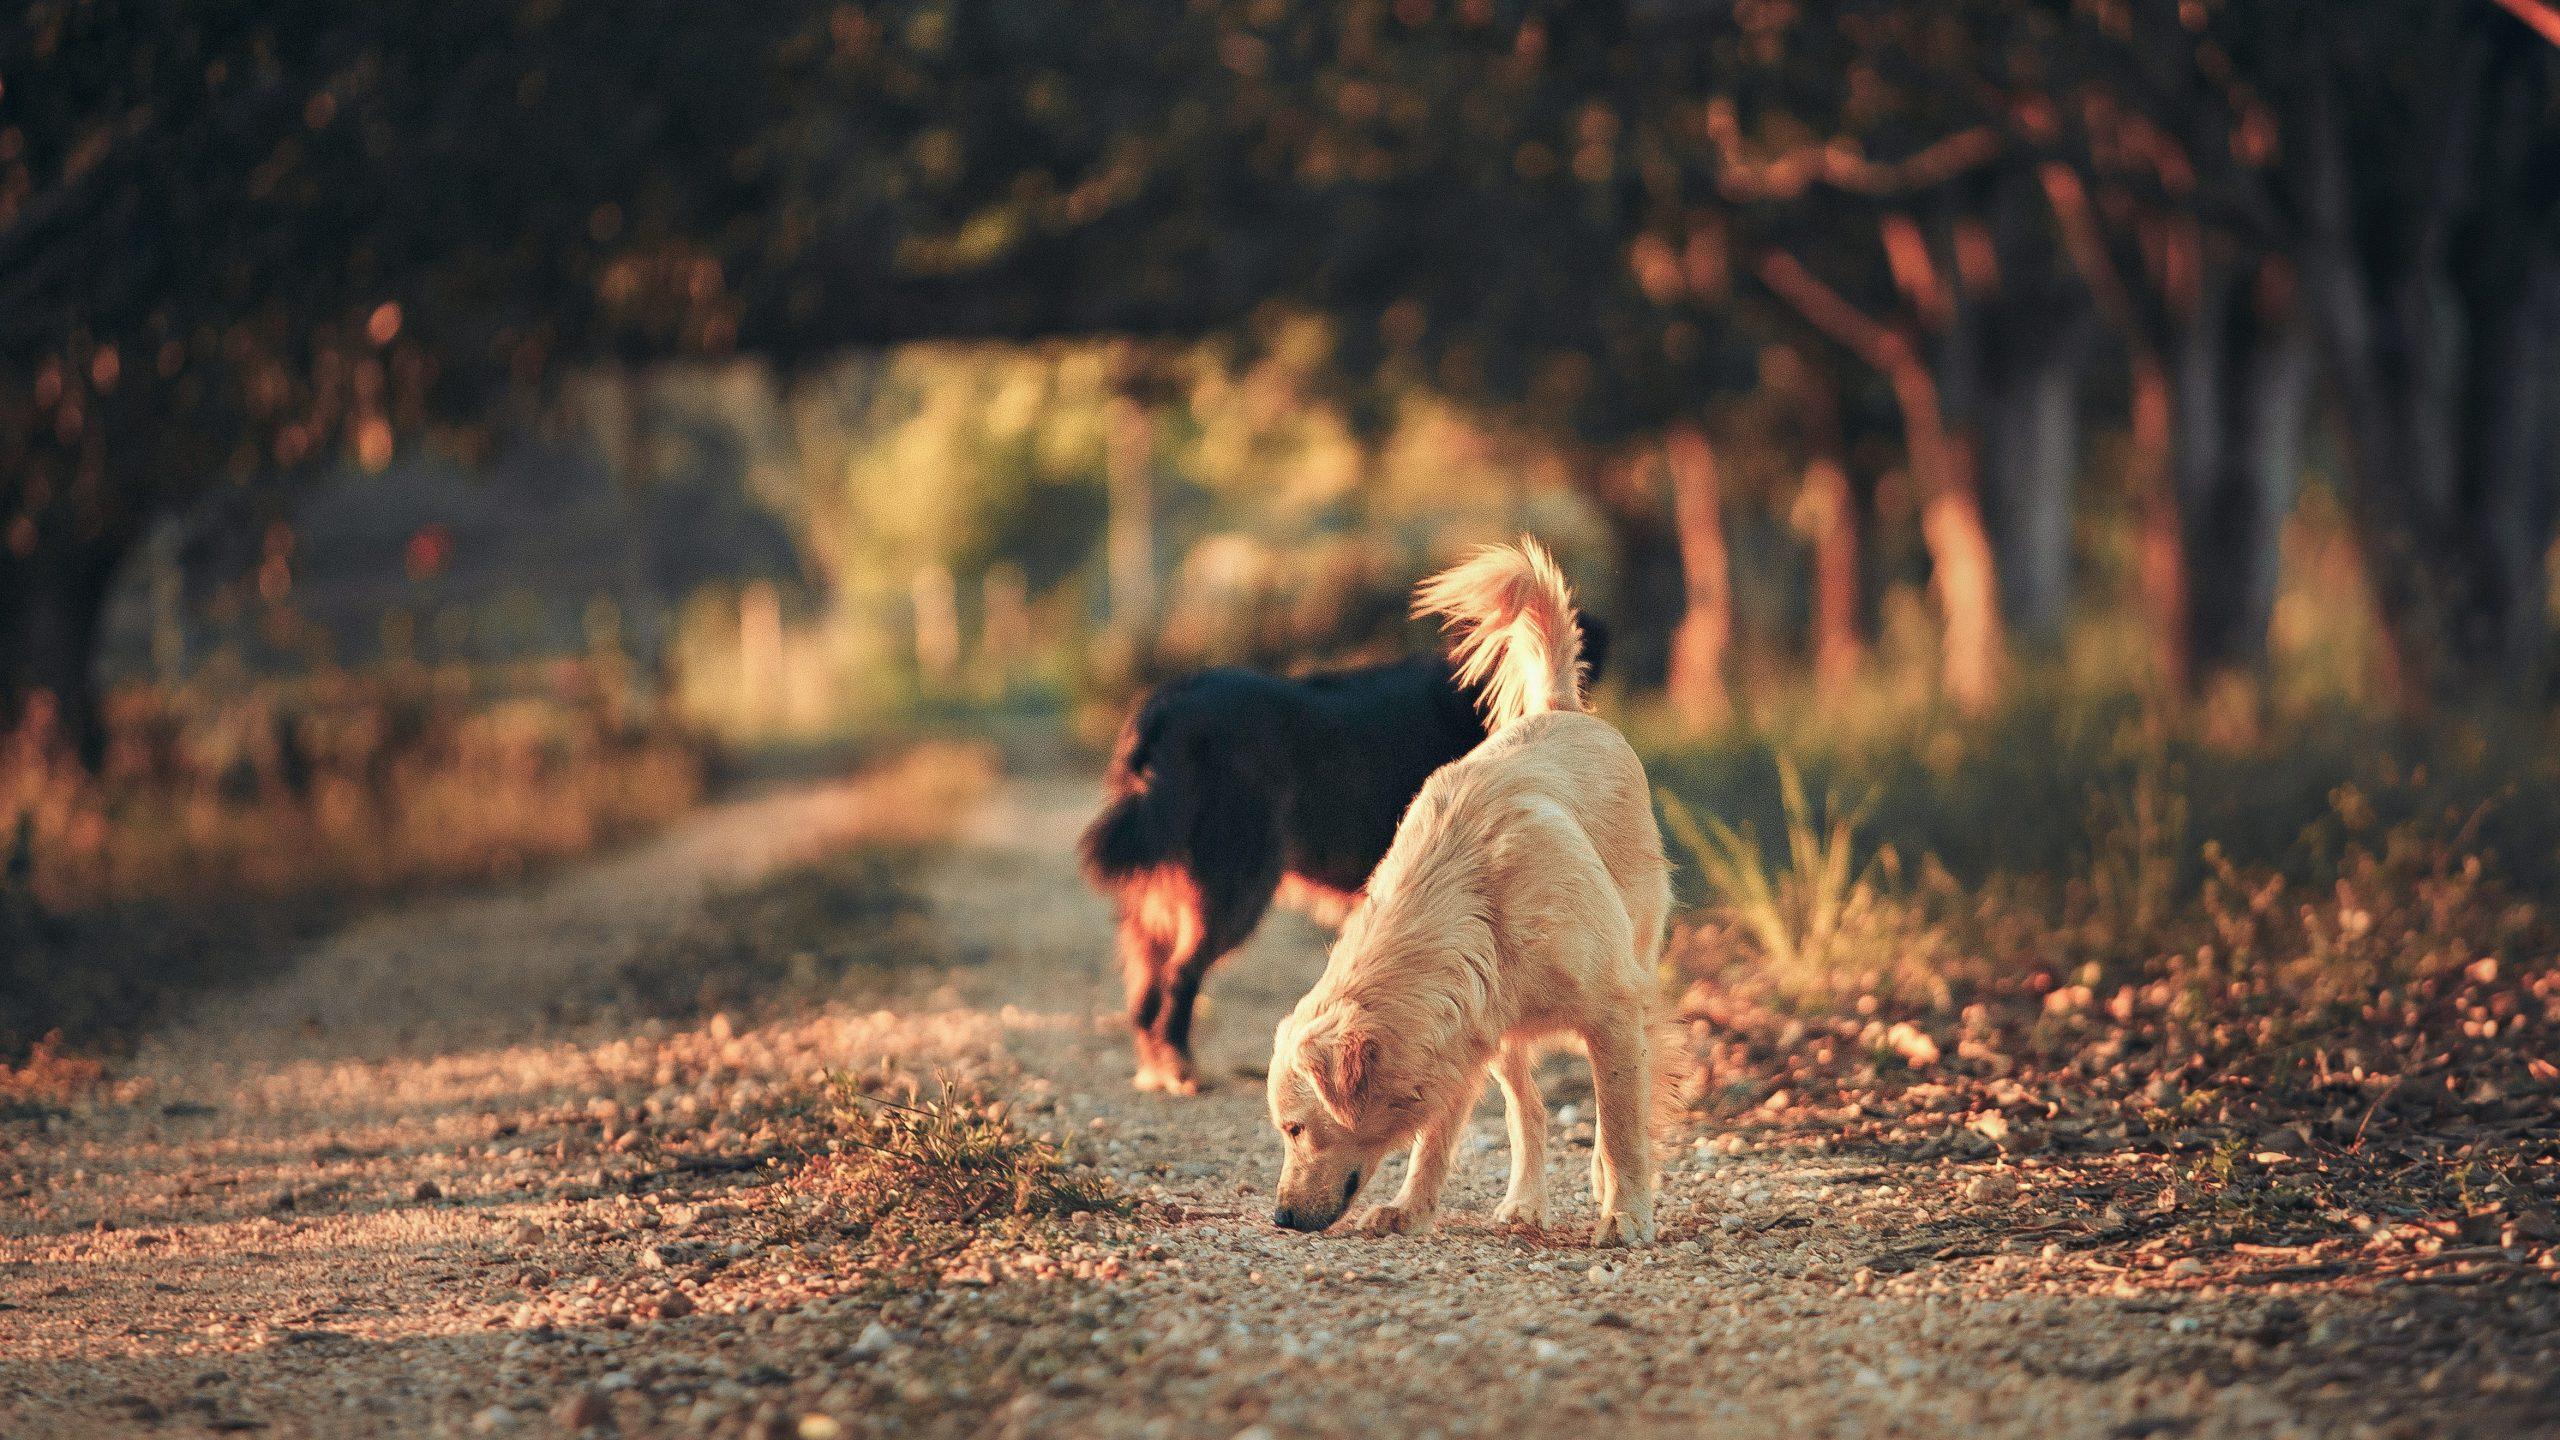 see a stray dog